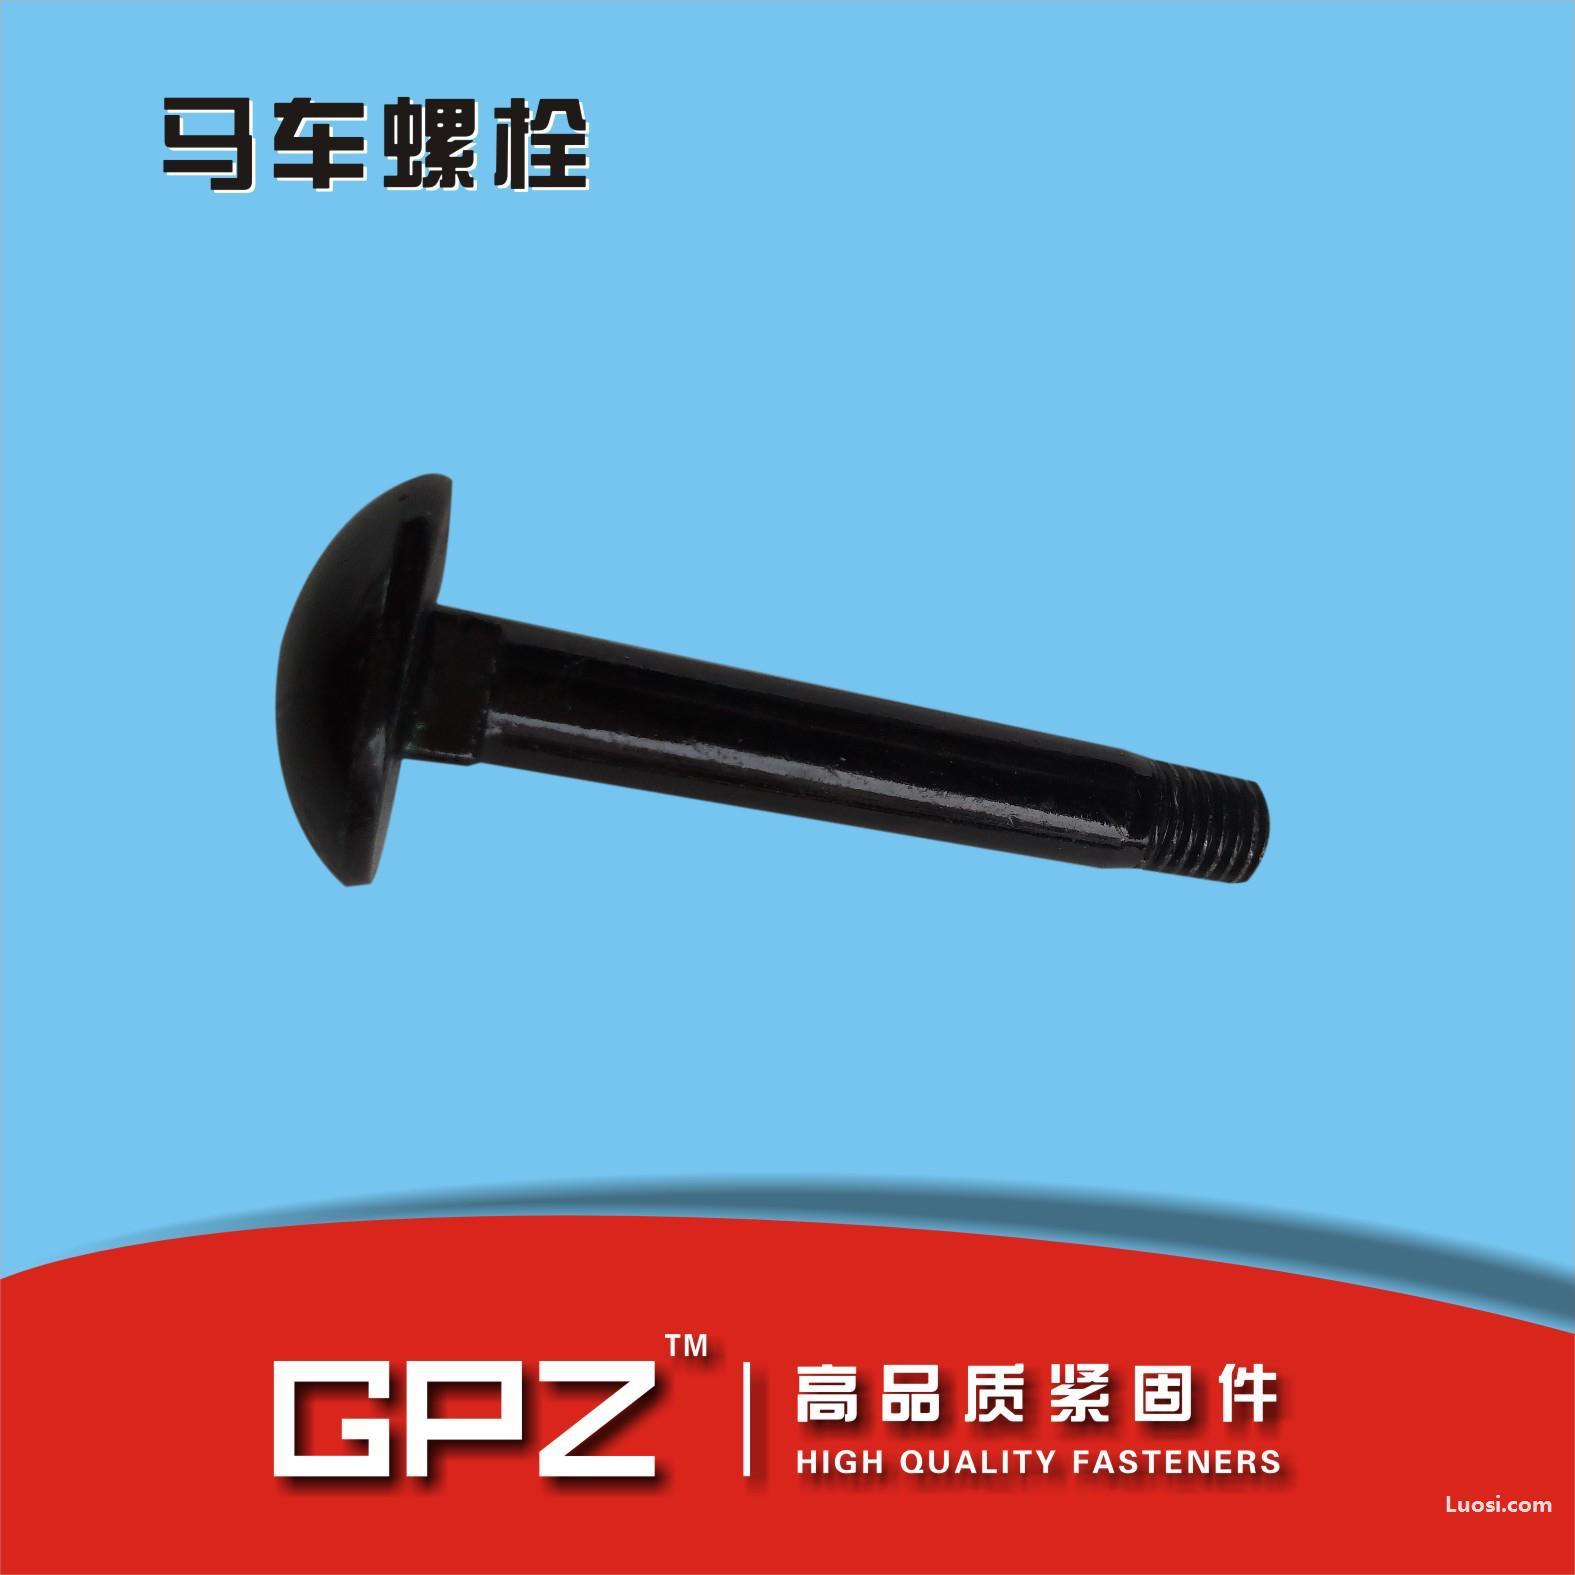 GB794马车螺柱 马车螺丝 大半圆头方颈螺柱 圆头方颈螺栓 10.9级